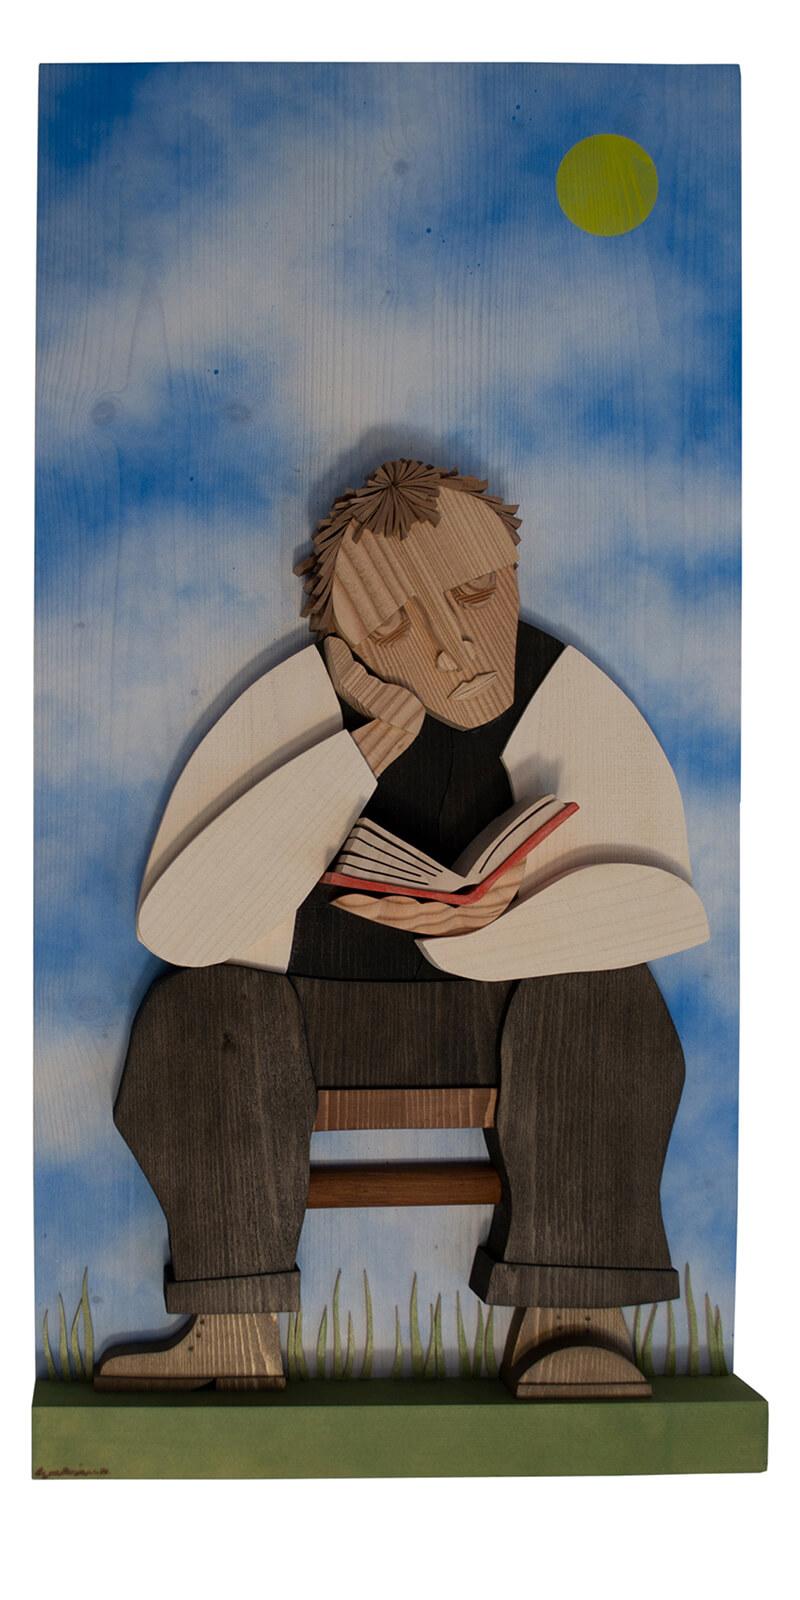 """Scultura Guasina in legno - Pannello """"Il poeta contadino"""" - dimensioni cm. 40 x 9 x 80"""